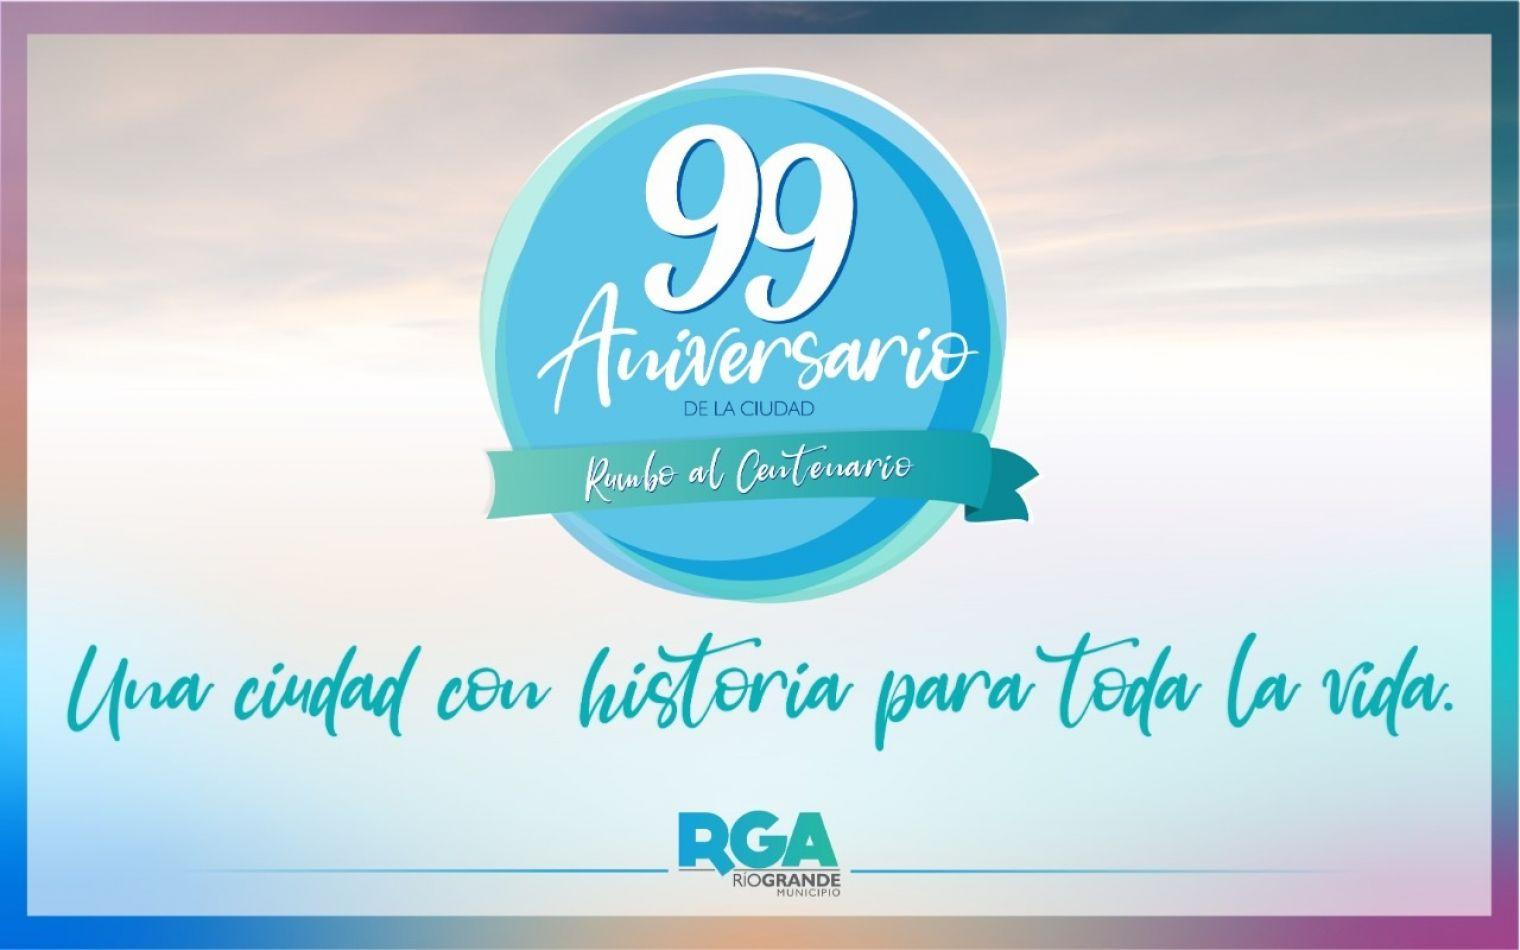 Celebraciones por el 99º aniversario de Río Grande